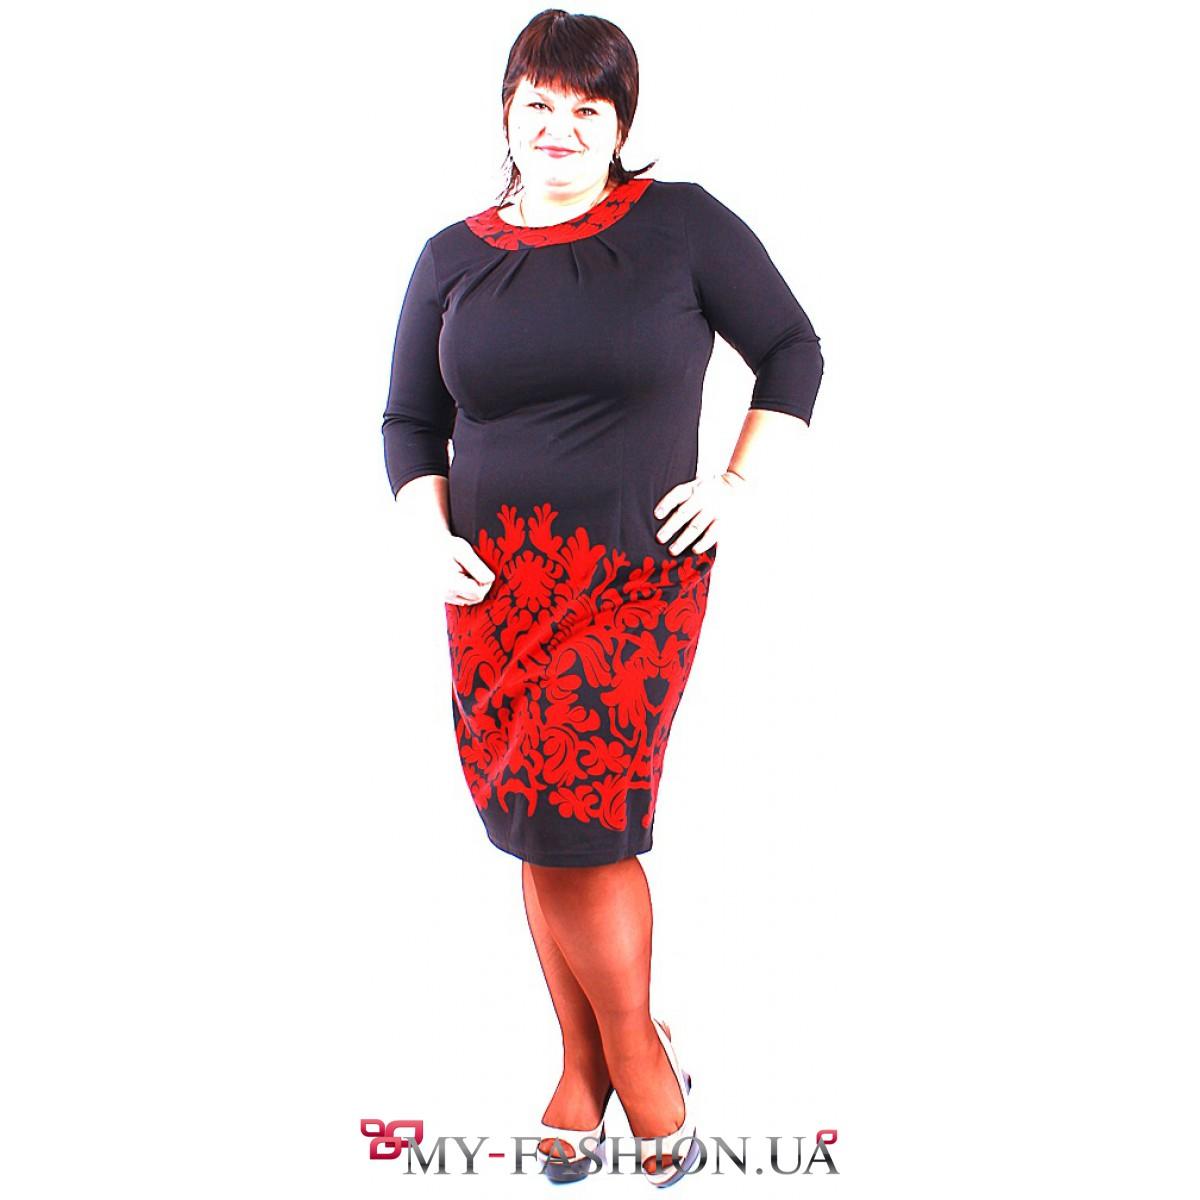 Купить Платье Большого Размера Примерка